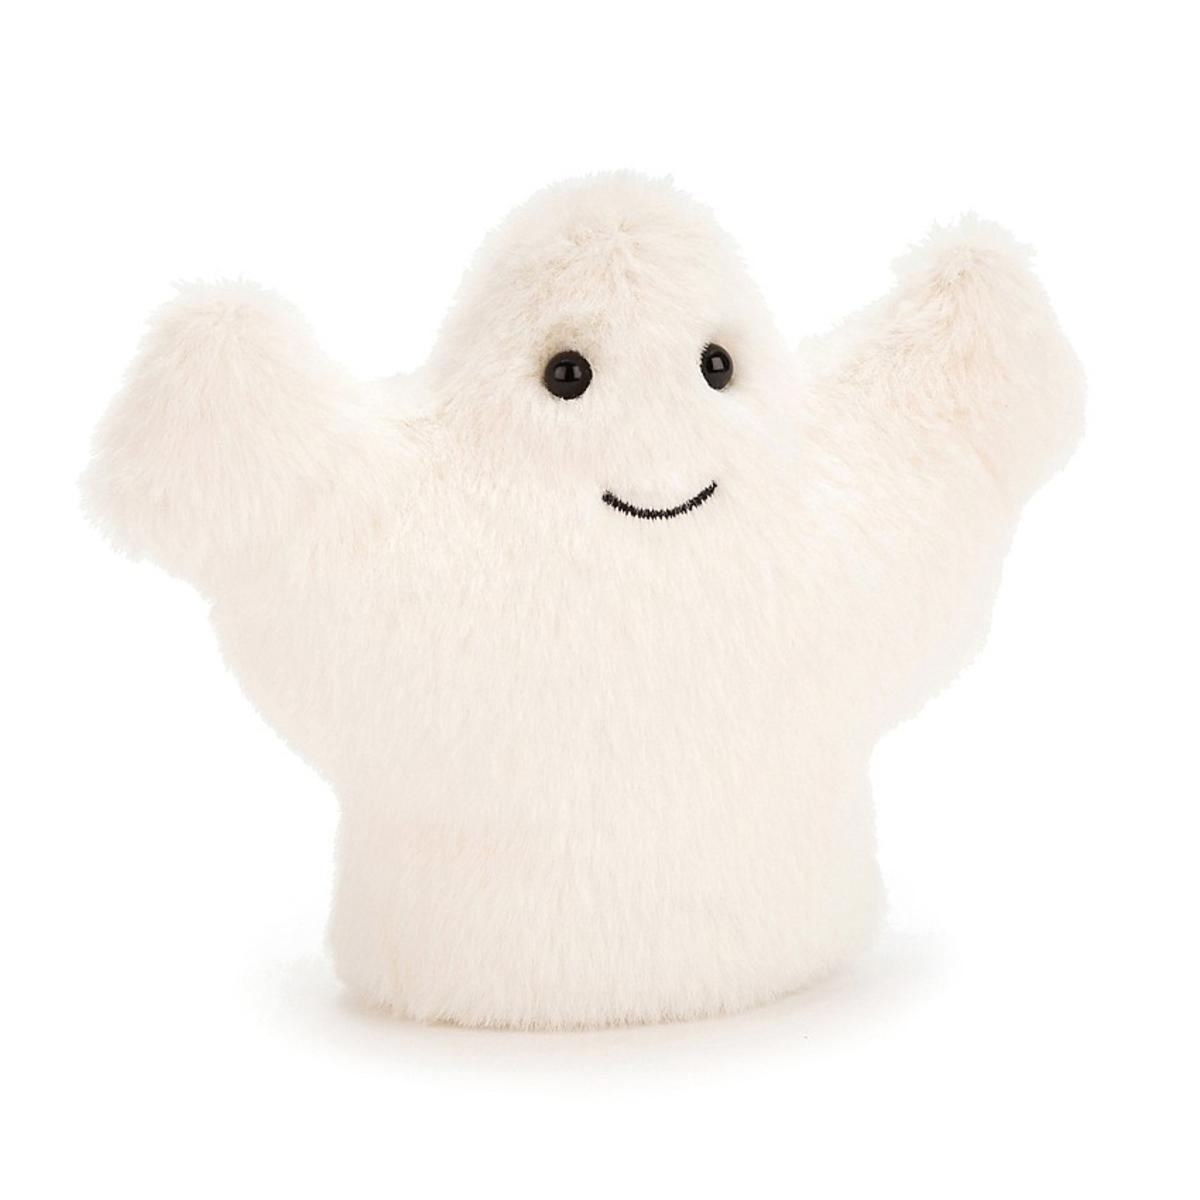 Peluche Petite Peluche Fluffy Ghost 12 cm Petite Peluche Fluffy Ghost 12 cm